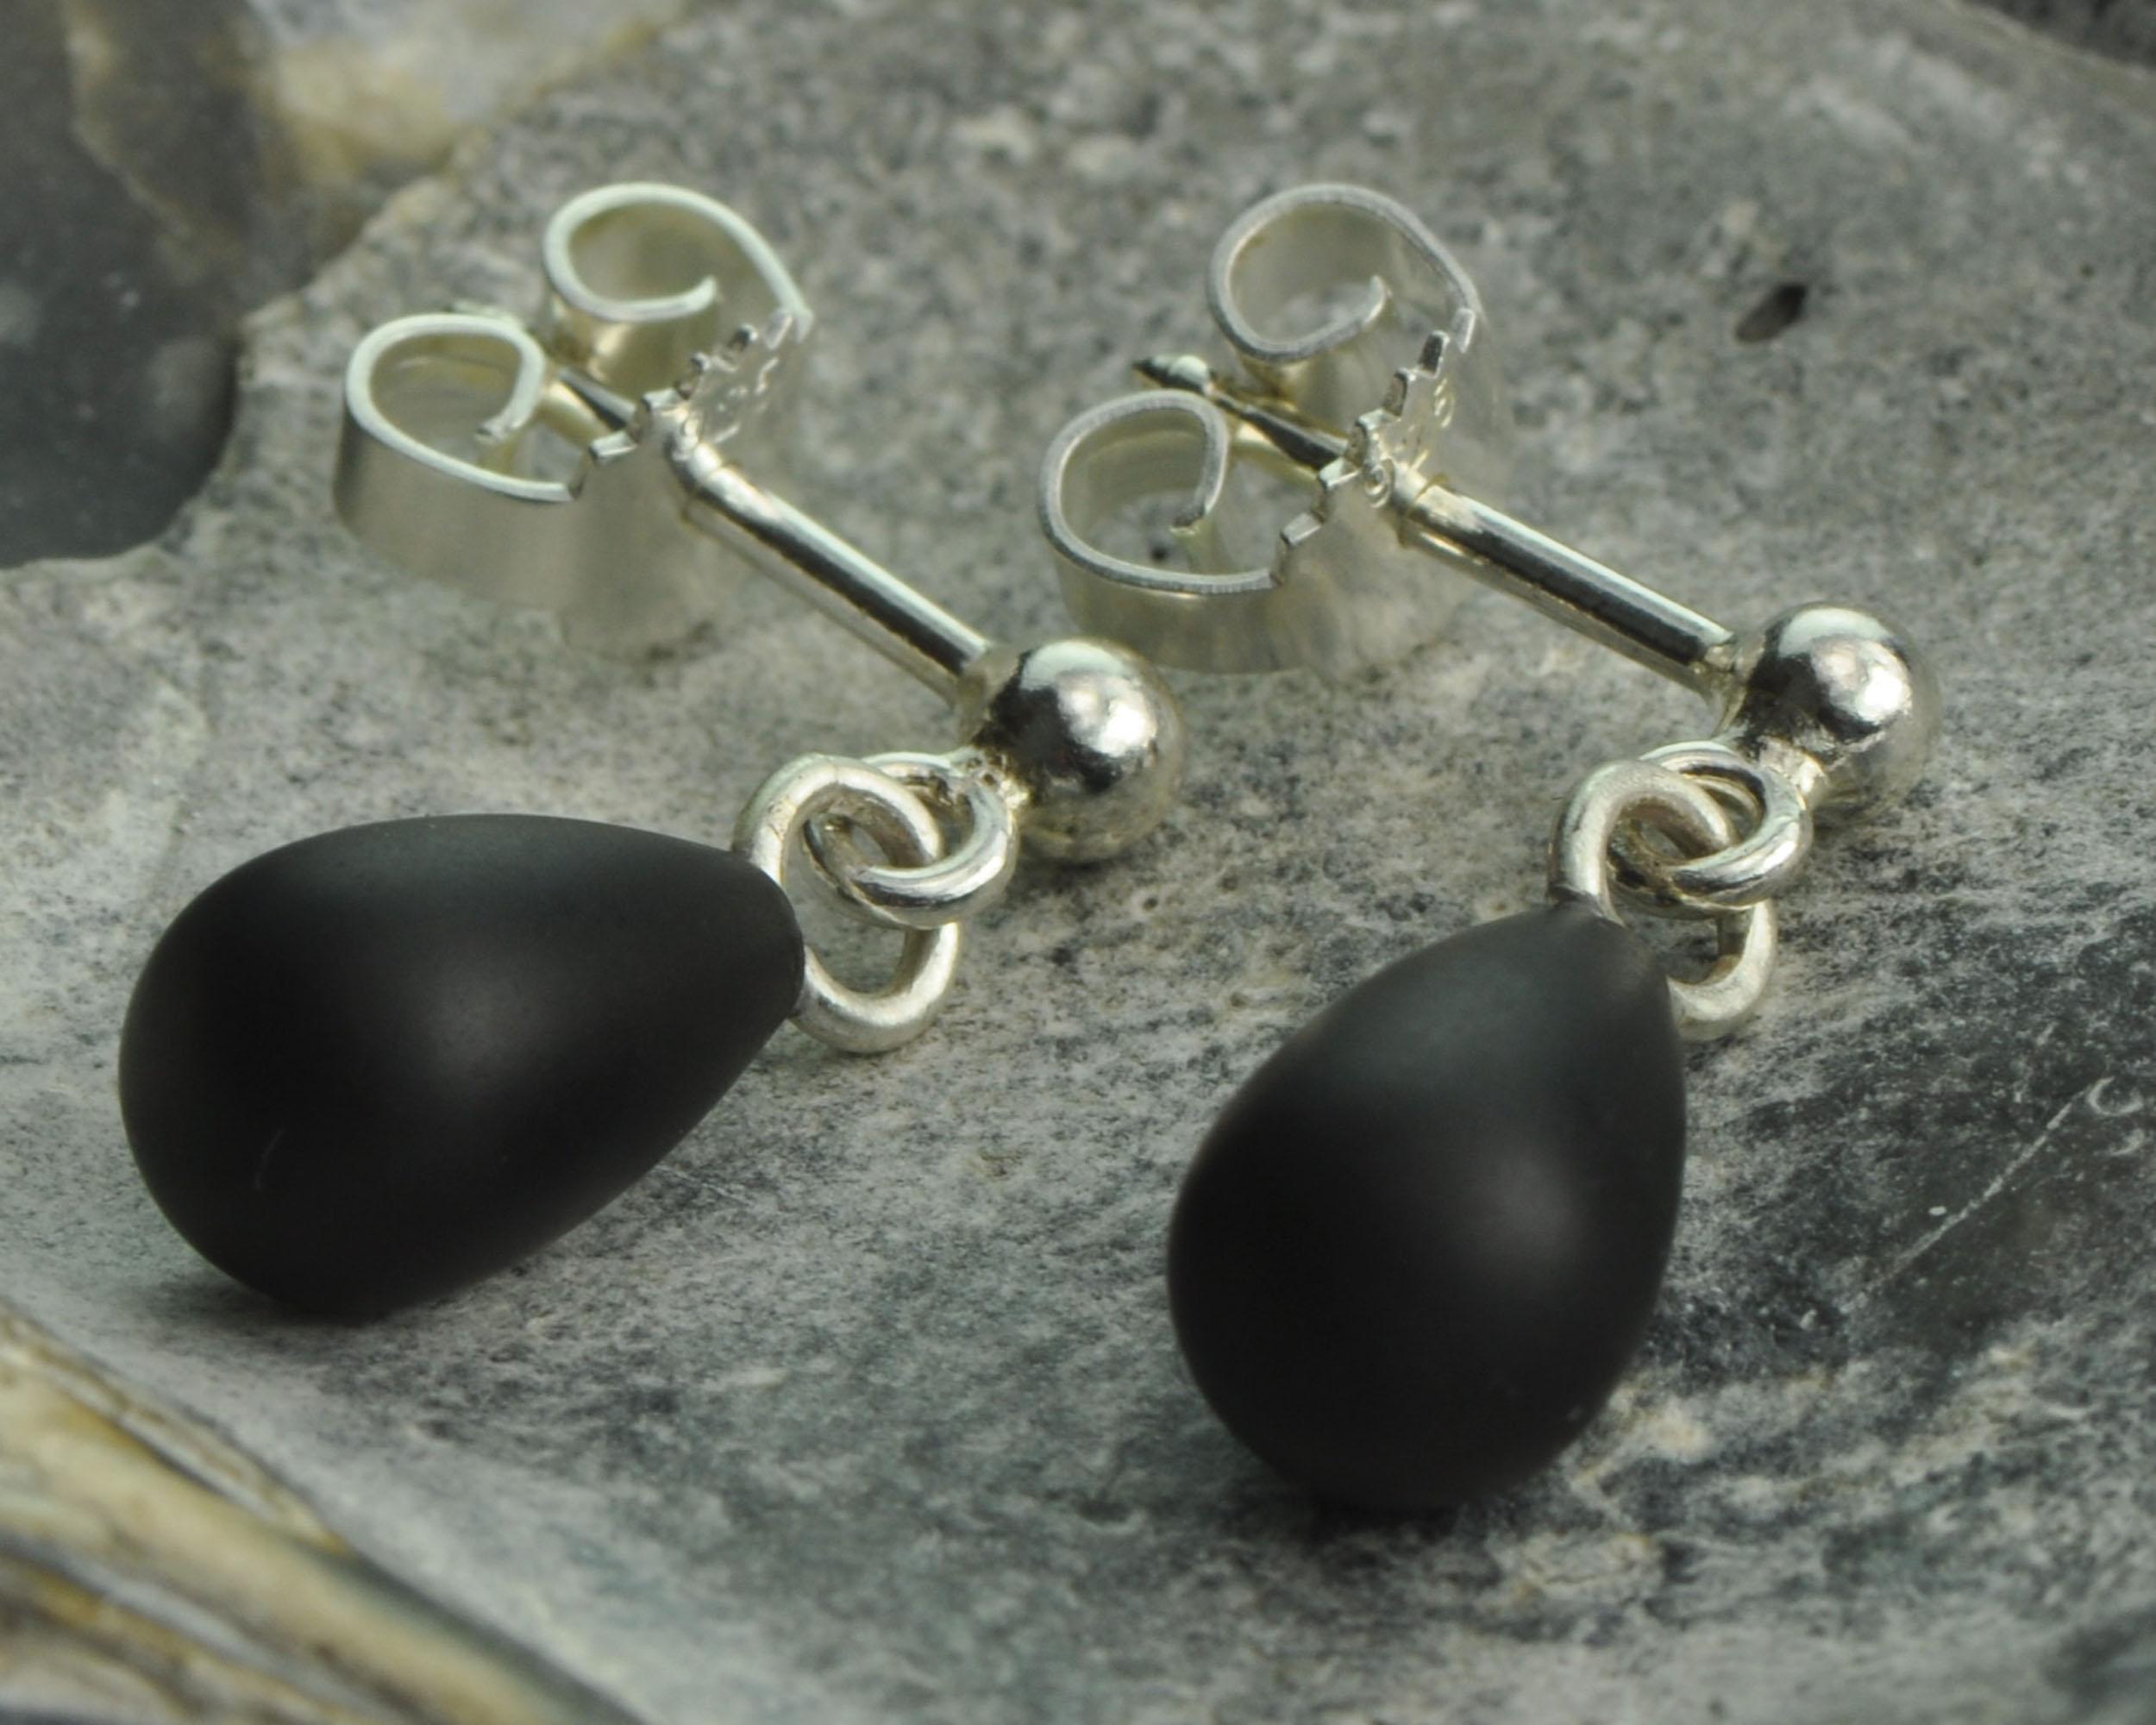 Onyx oorhangers met zilver: druppelvormige onyxstenen aan zilveren oorstekers, matte onyx mat afgewerkt handgemaakt, oorhangers